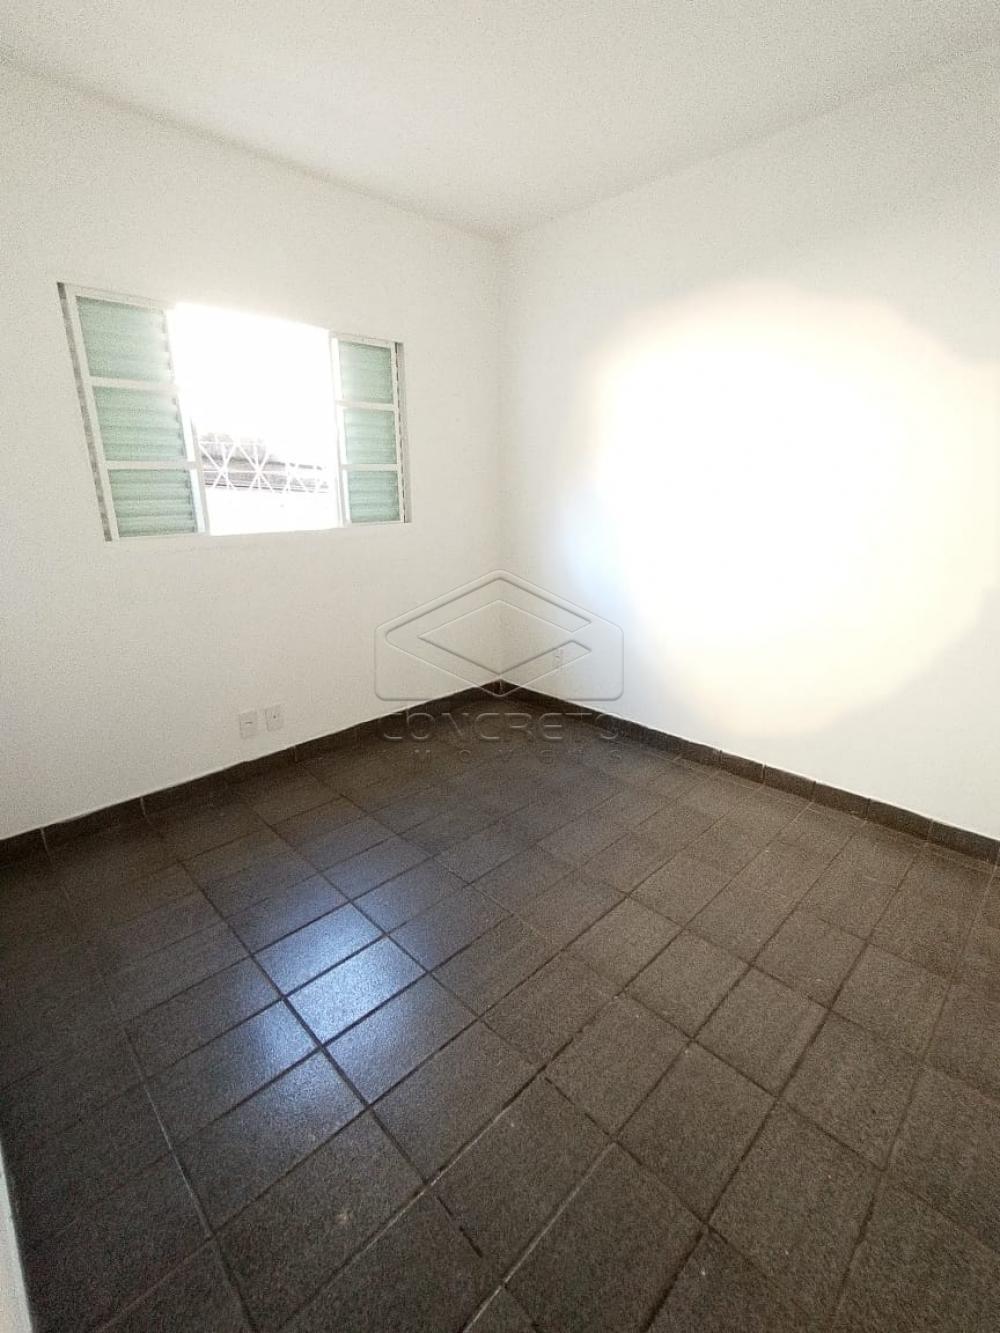 Alugar Casa / Padrão em Bauru apenas R$ 1.000,00 - Foto 10